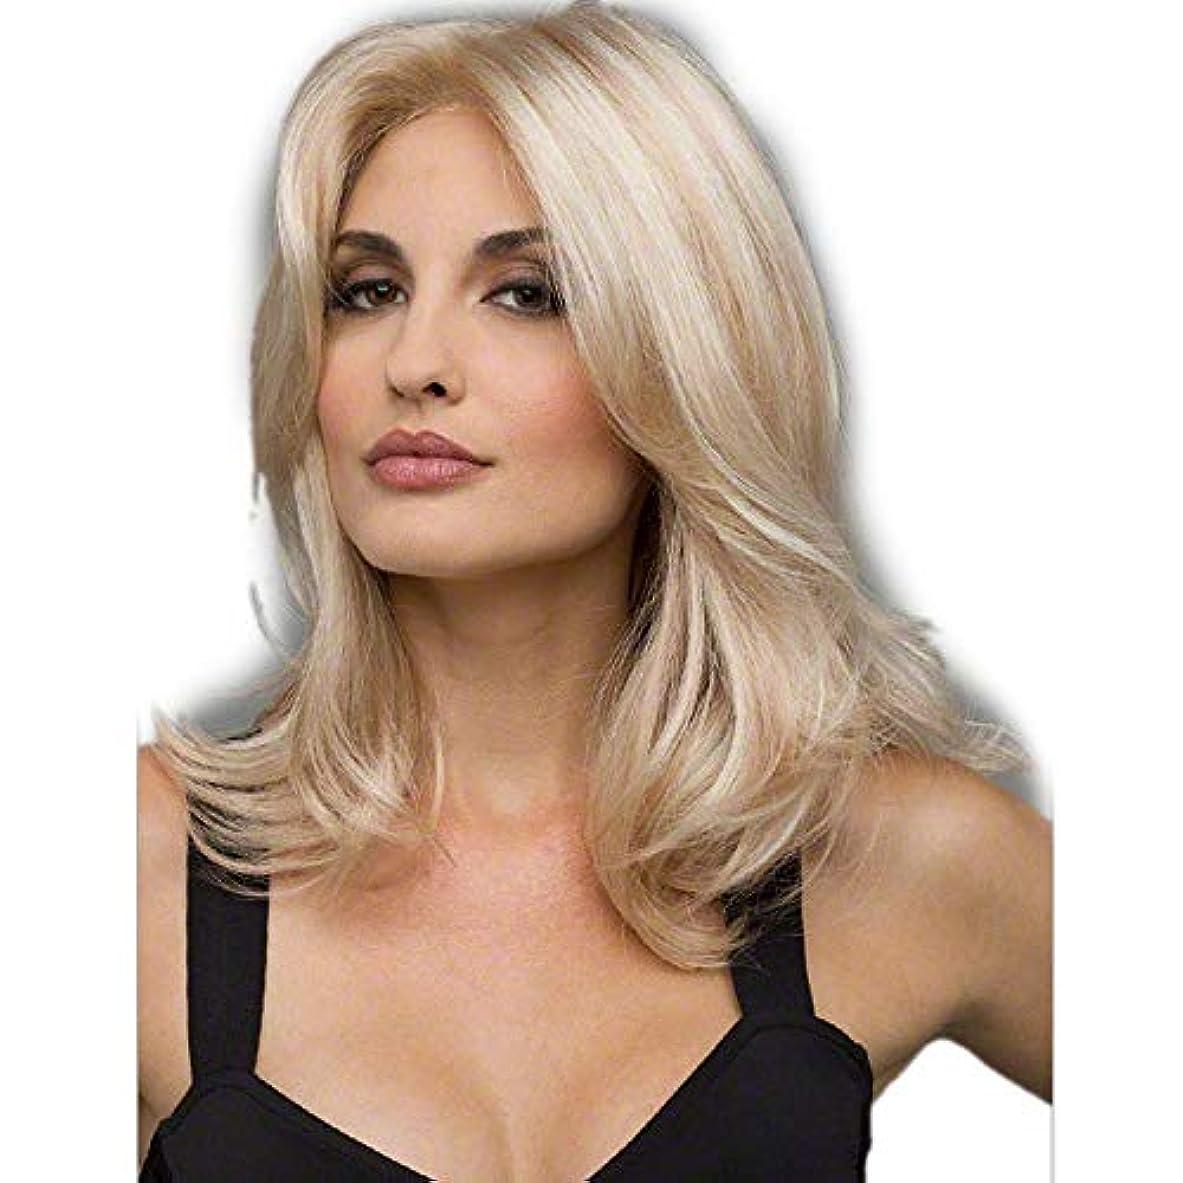 まさにさせる効果WASAIO ファッションオンブルブロンドかつら合成ロングストレートヘア (色 : Blonde)